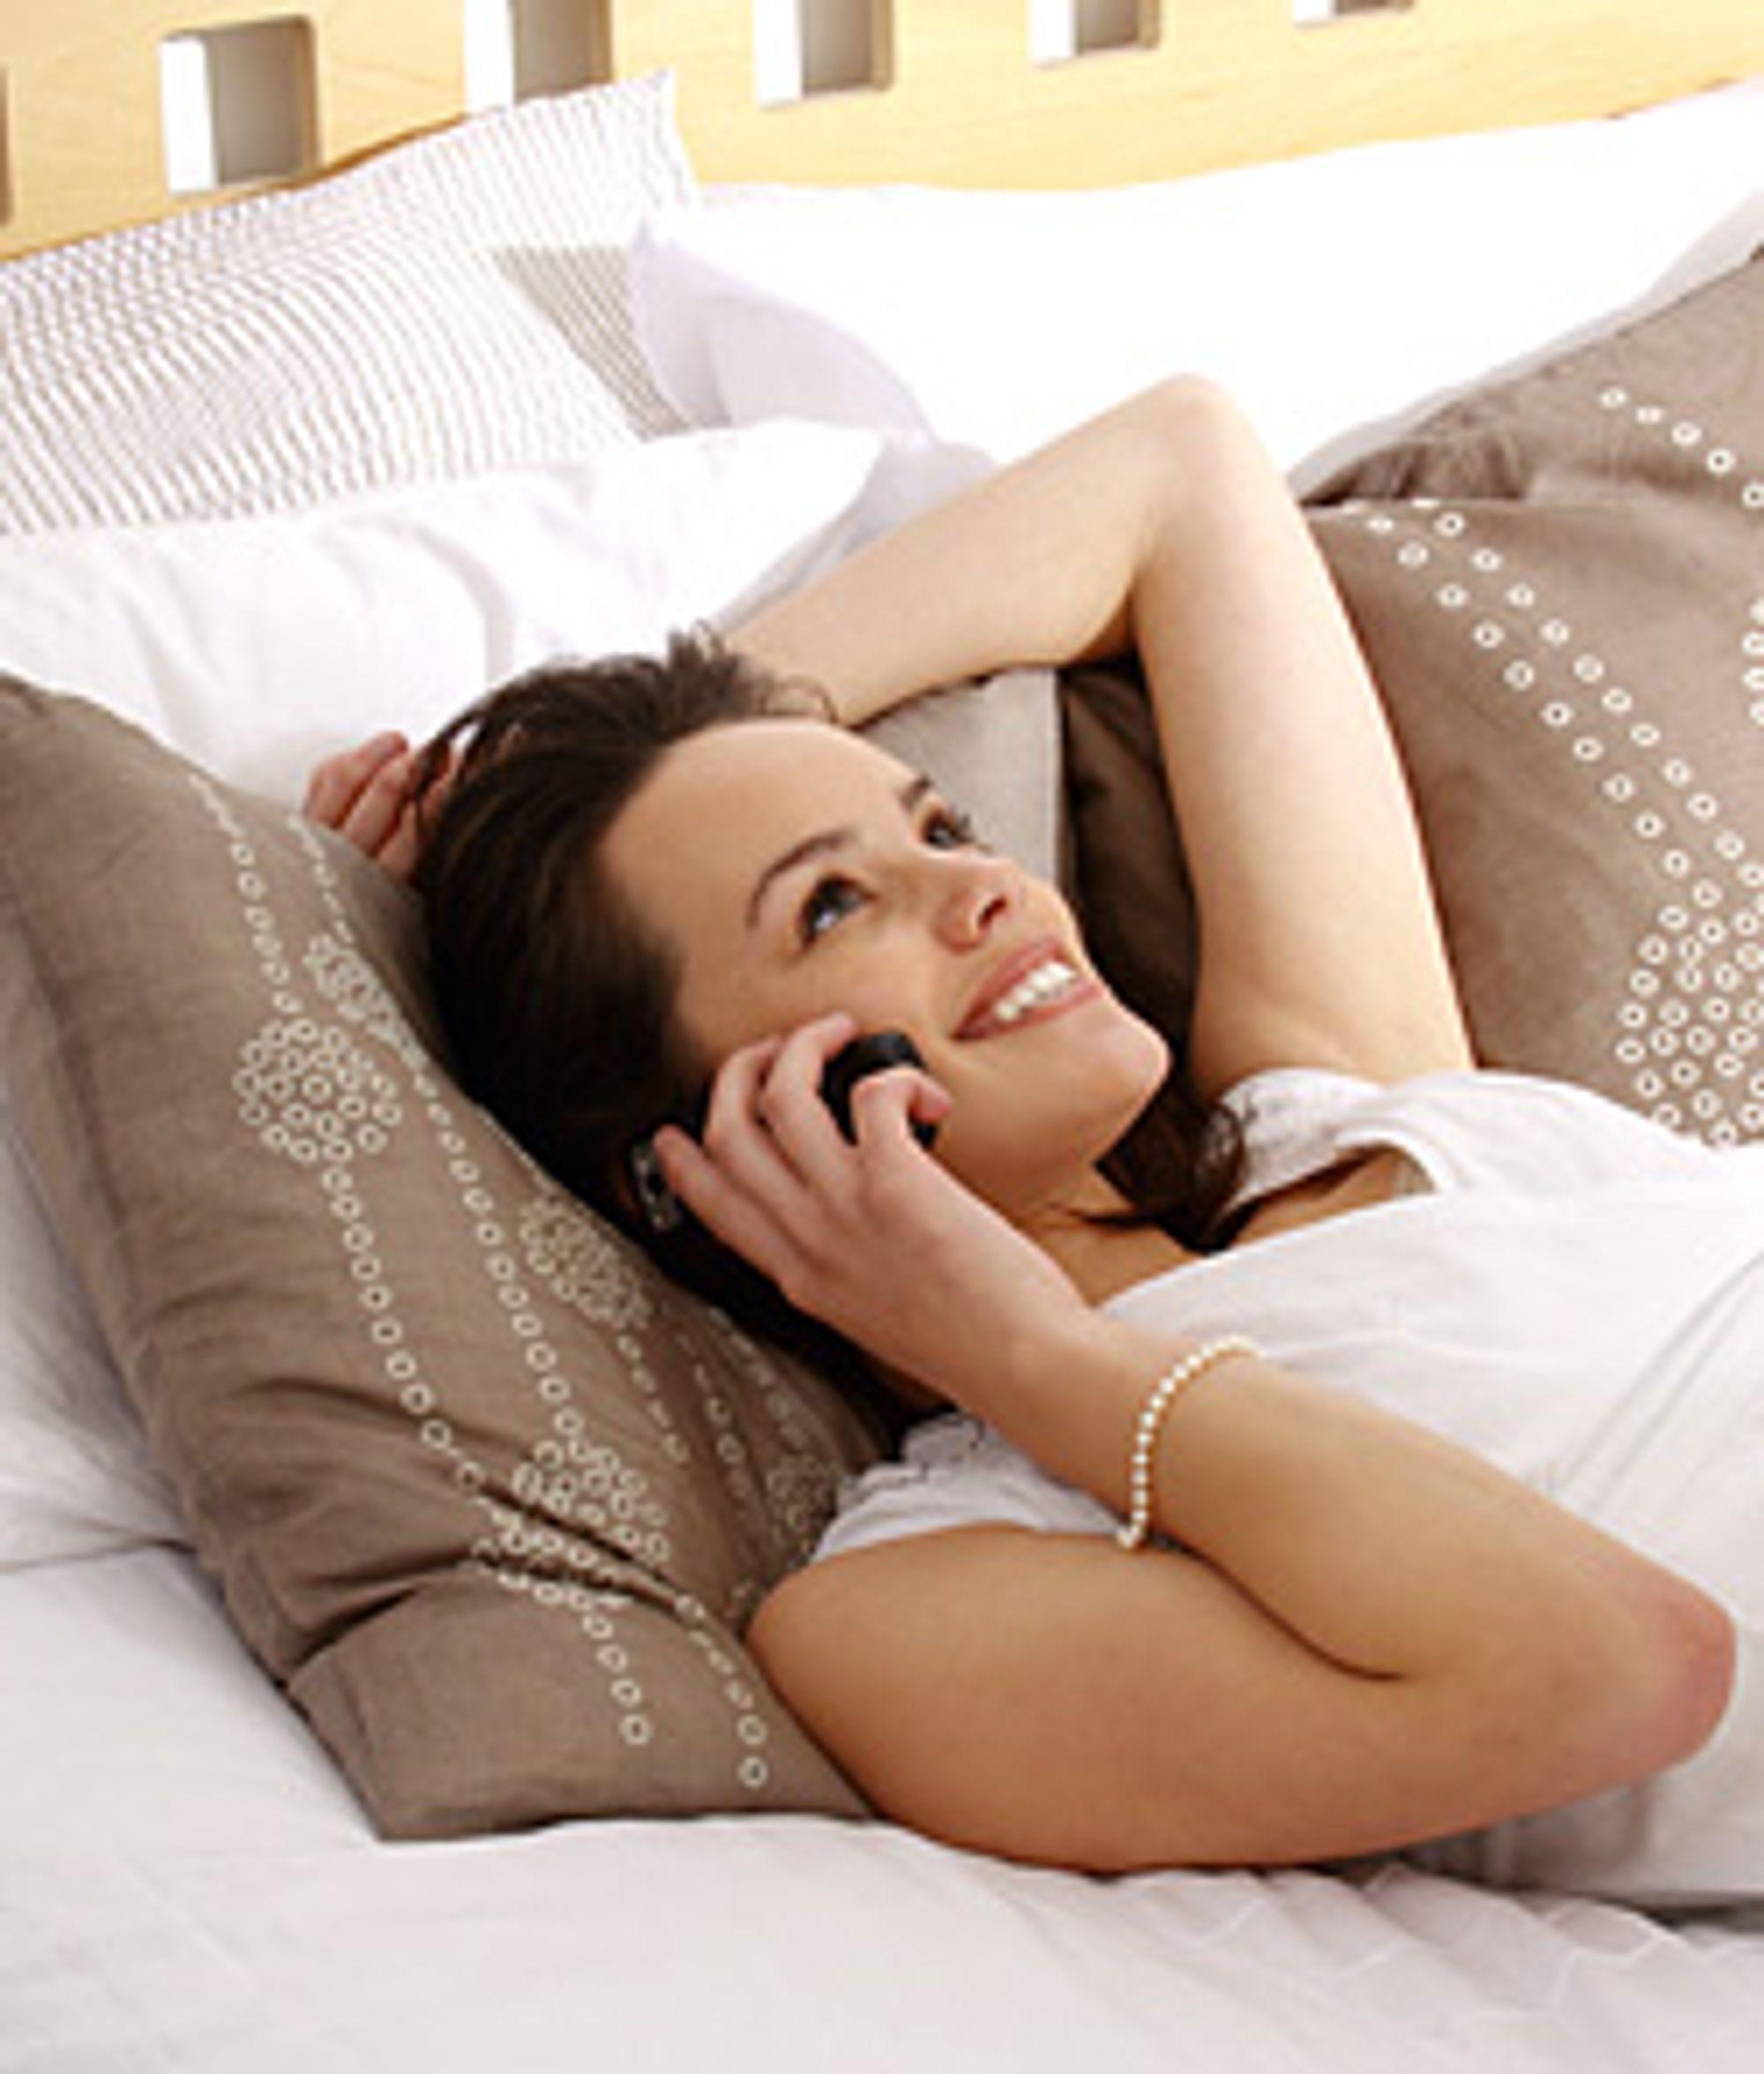 Med IP-telefoni kan samtalene vare litt lengre. (Foto: Istockphoto / Izabela Habur)